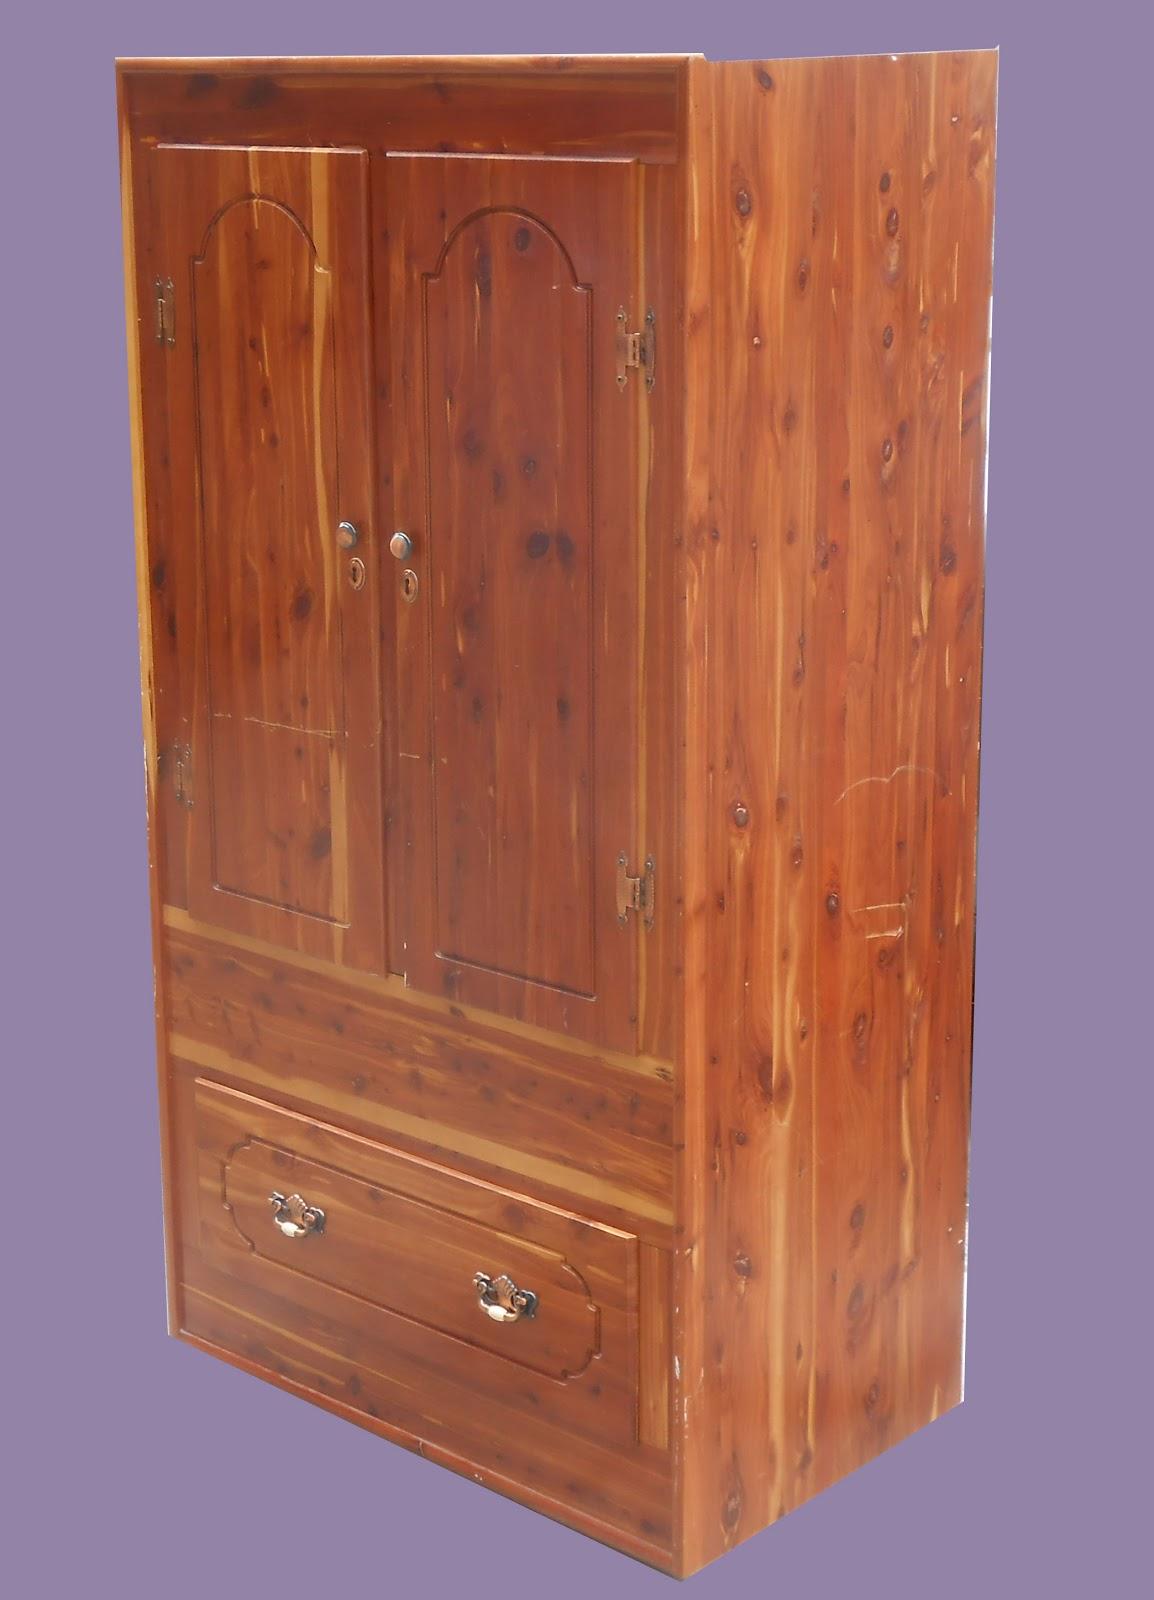 Cedar Closets 3 Nails 4 U Construction: Uhuru Furniture & Collectibles: Cedar Closet-SOLD